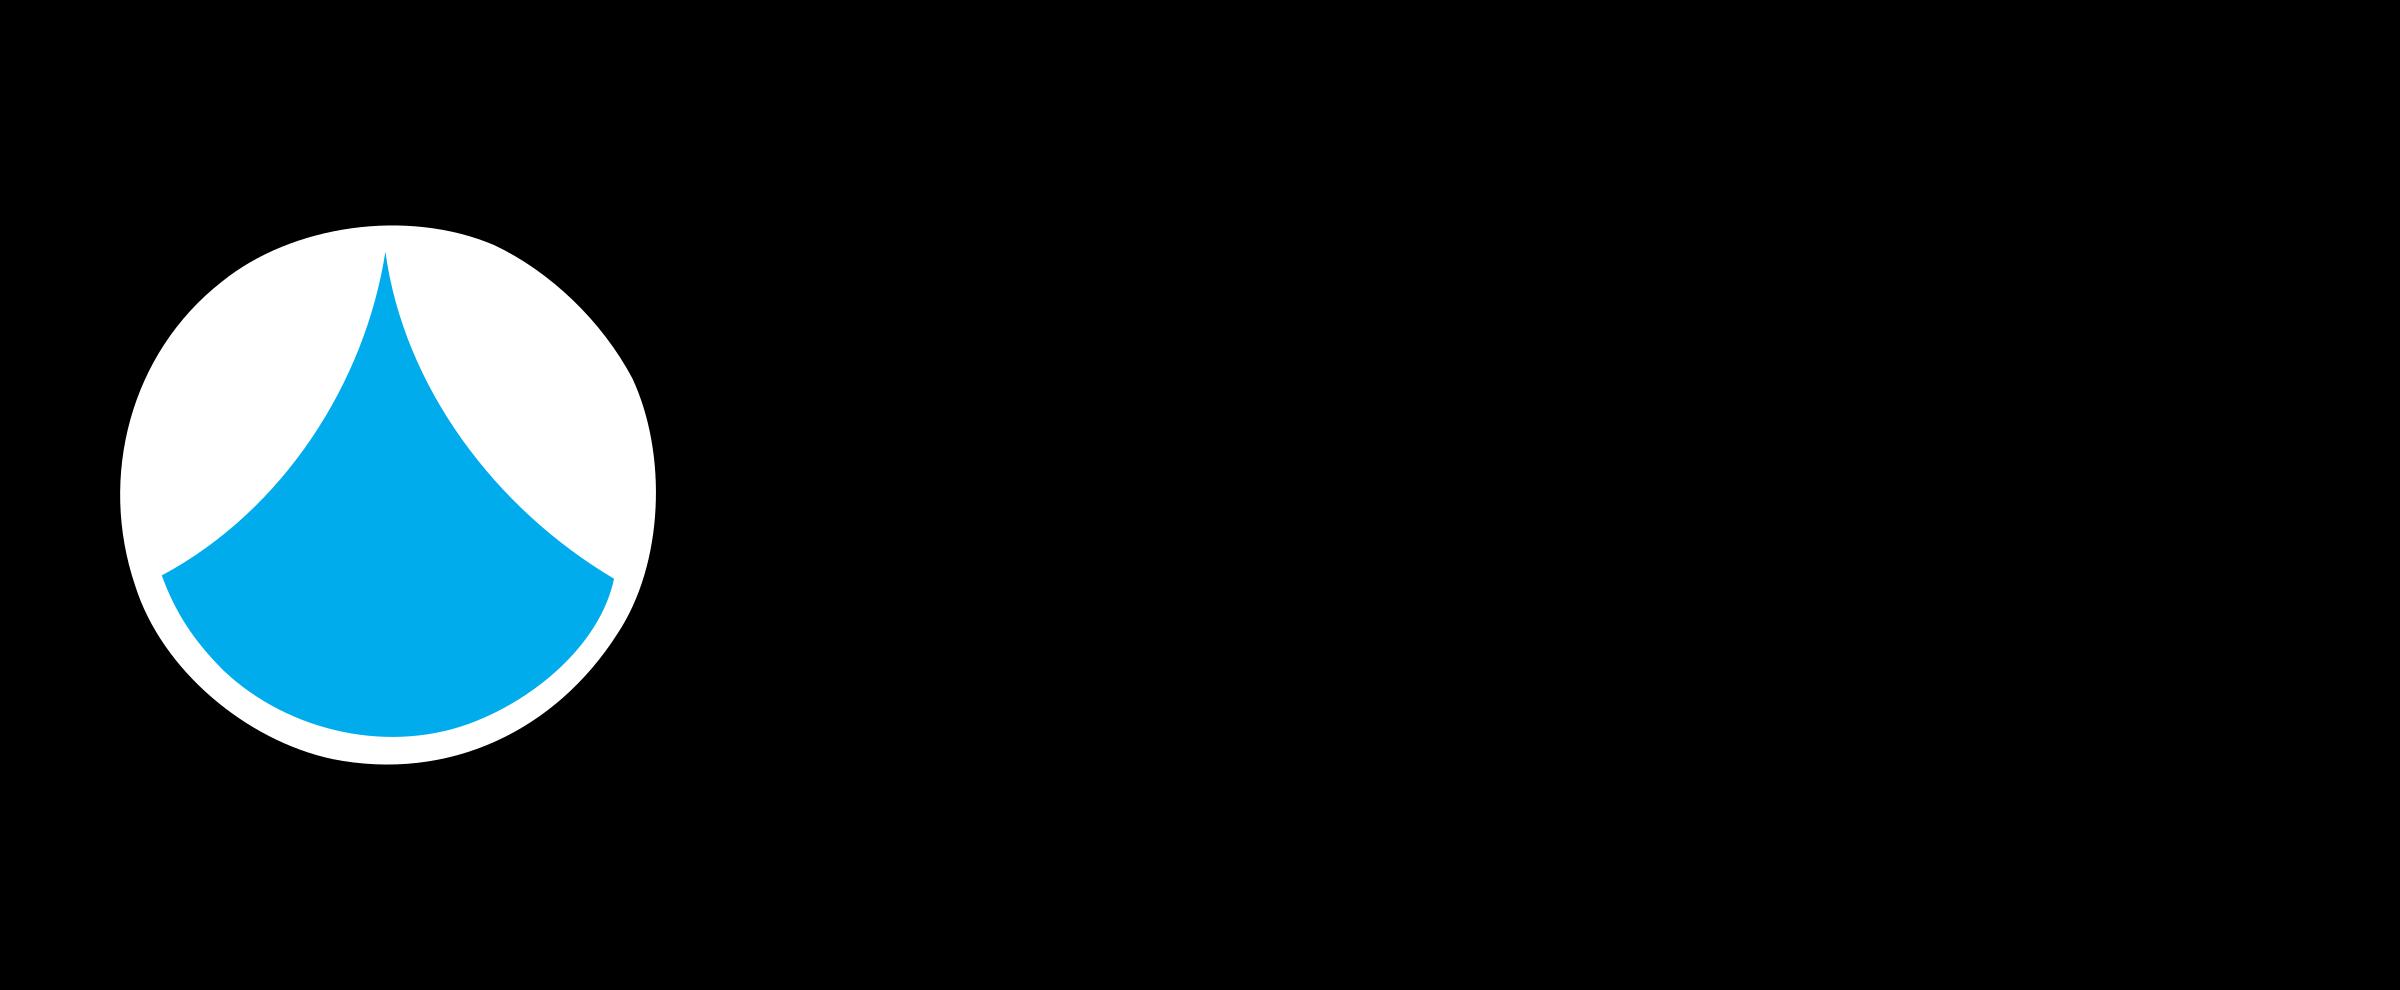 devilla soba logo ile ilgili görsel sonucu